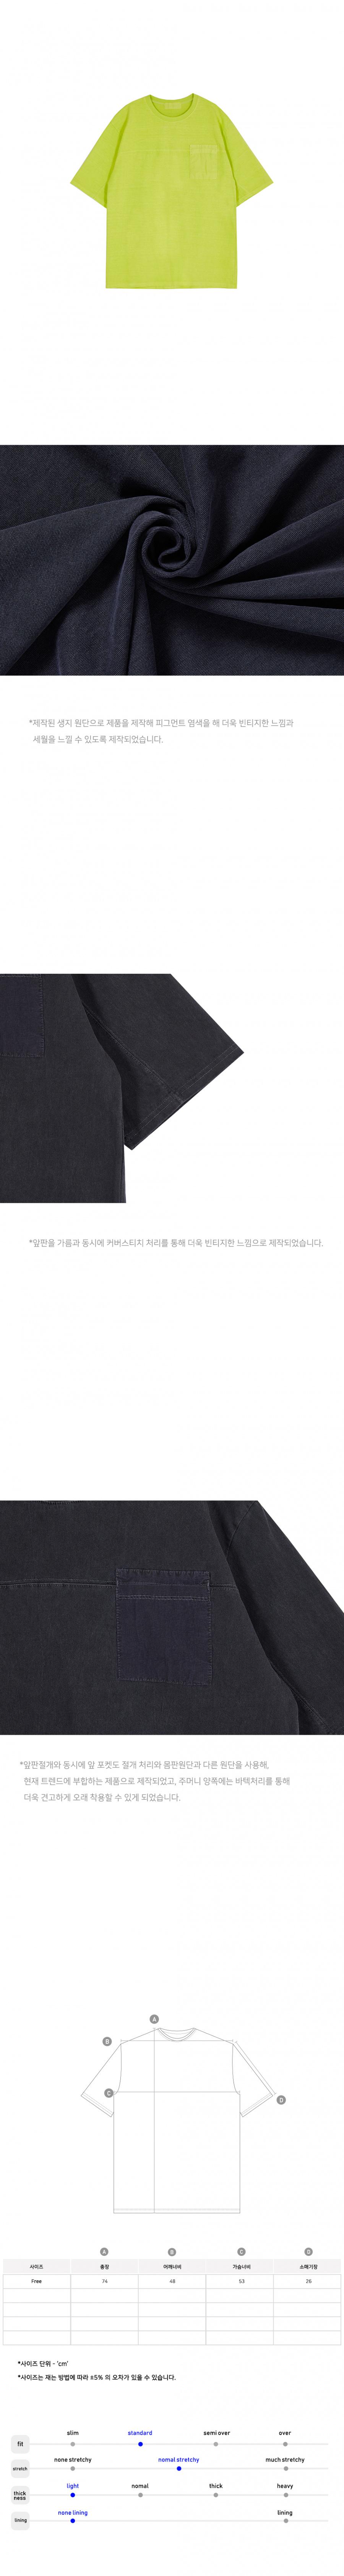 텐모어(TENMORE) M - PIGMENT POCKET HALF SLEEVE - NEO YELLOW